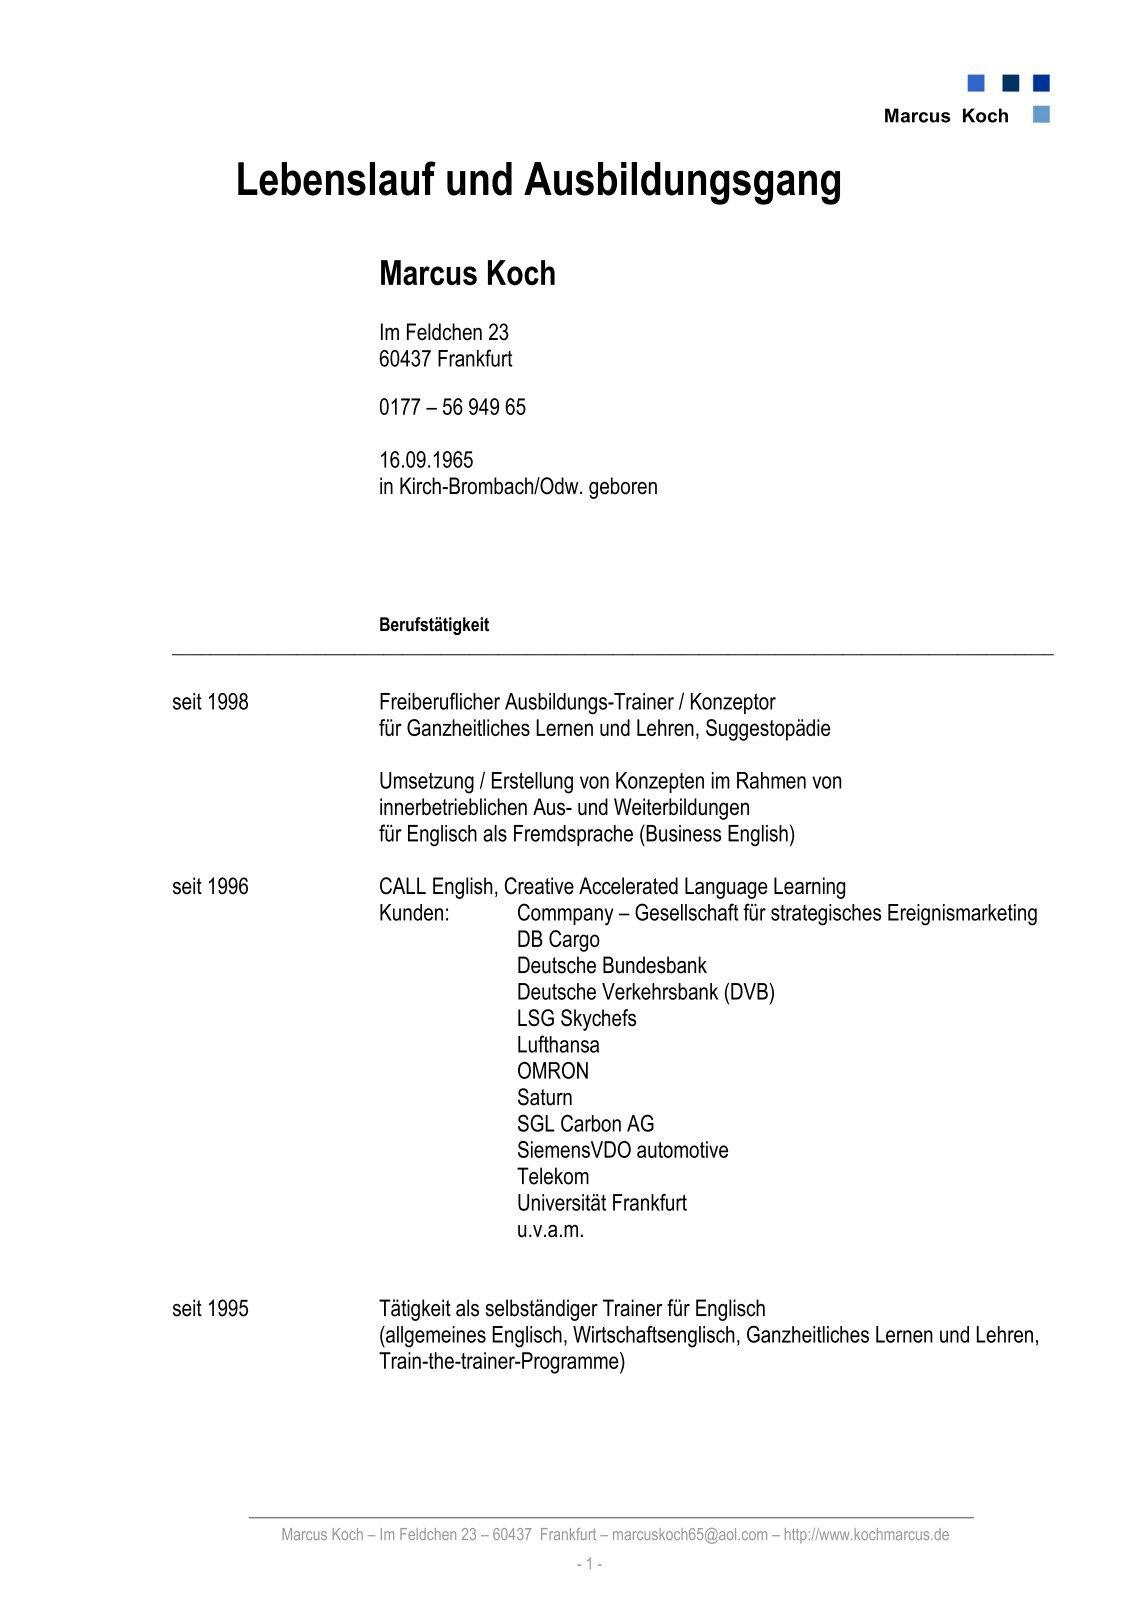 Wunderbar Linie Koch Lebenslauf Fotos - Entry Level Resume Vorlagen ...